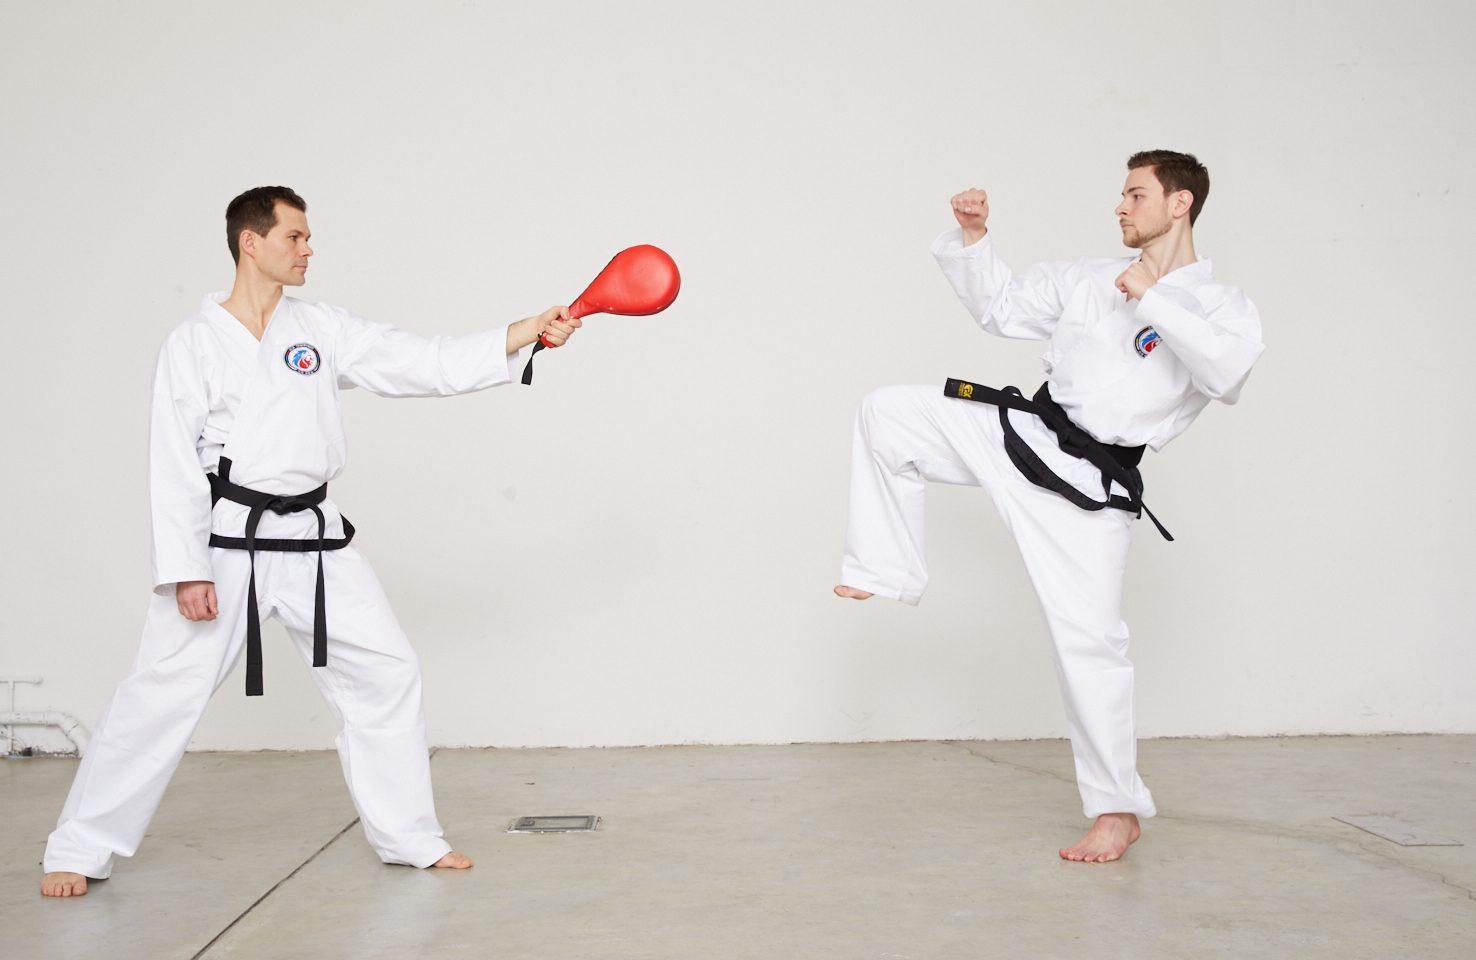 Taekwondo-Kick auf Schlagpolster - Teil 2